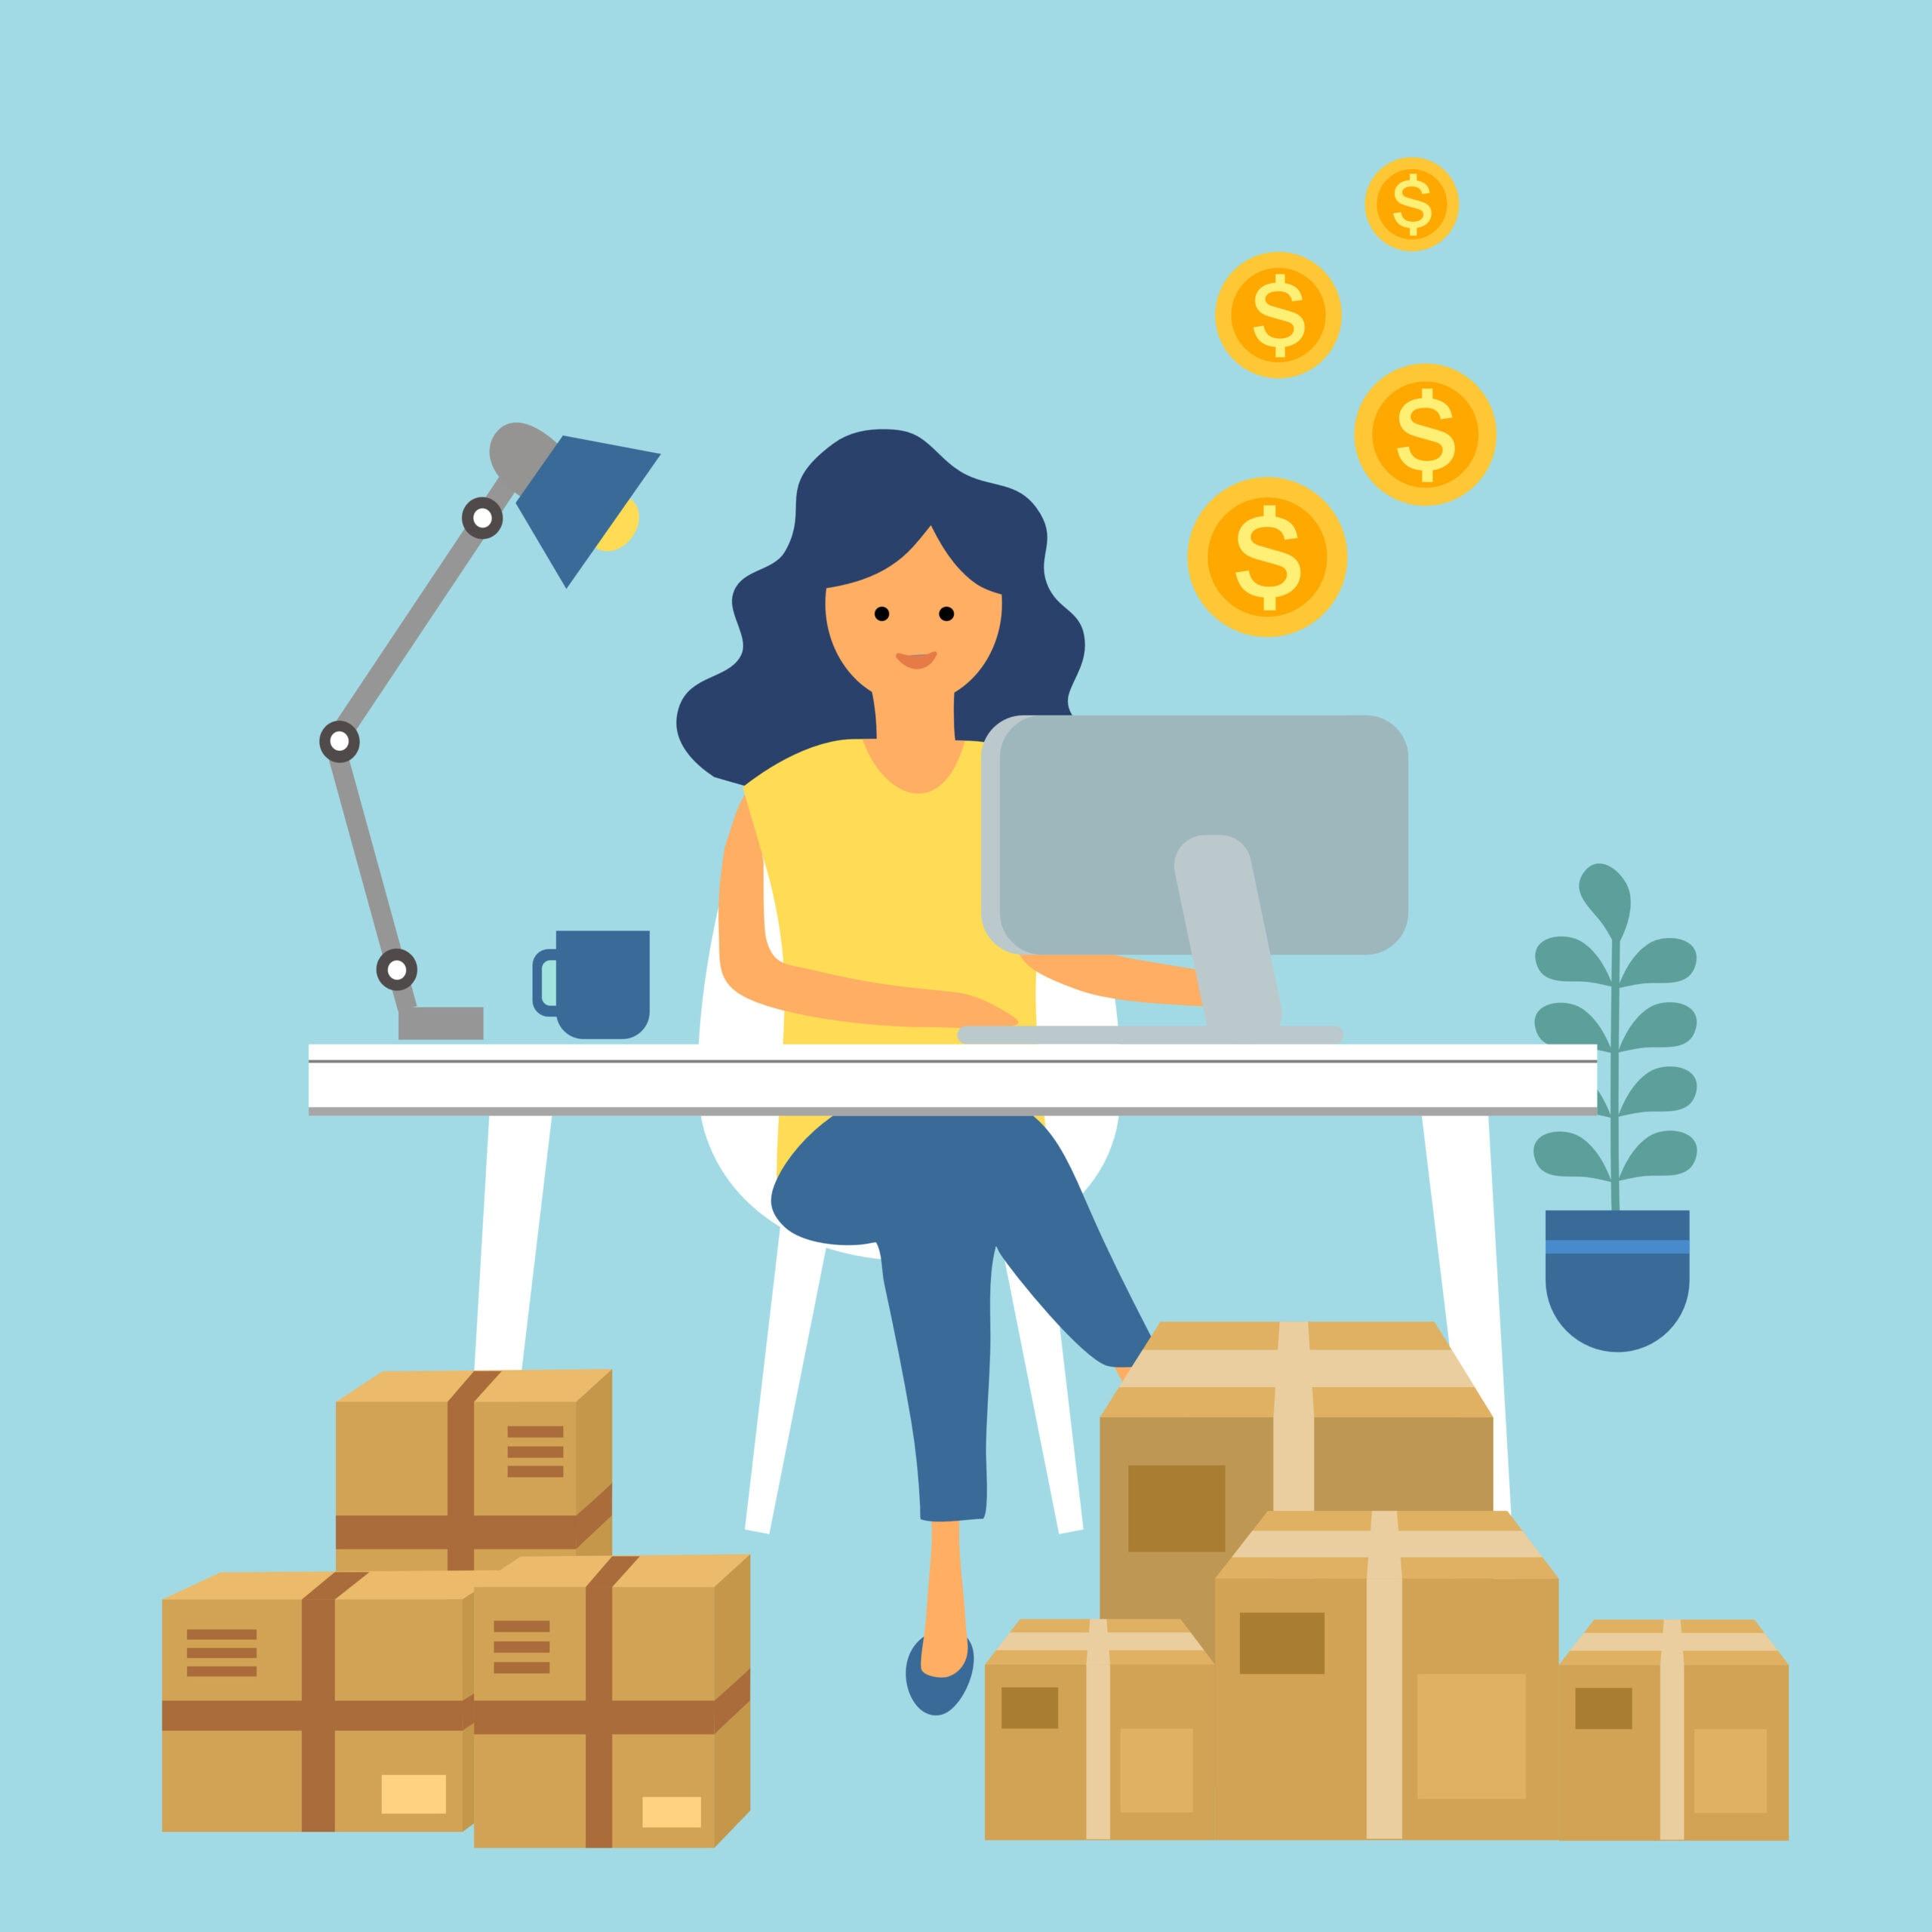 Internetu prekiaujanti moteris sėdi prie kompiuterio, šalia supakuotos dėžės. Darbas iš namų.